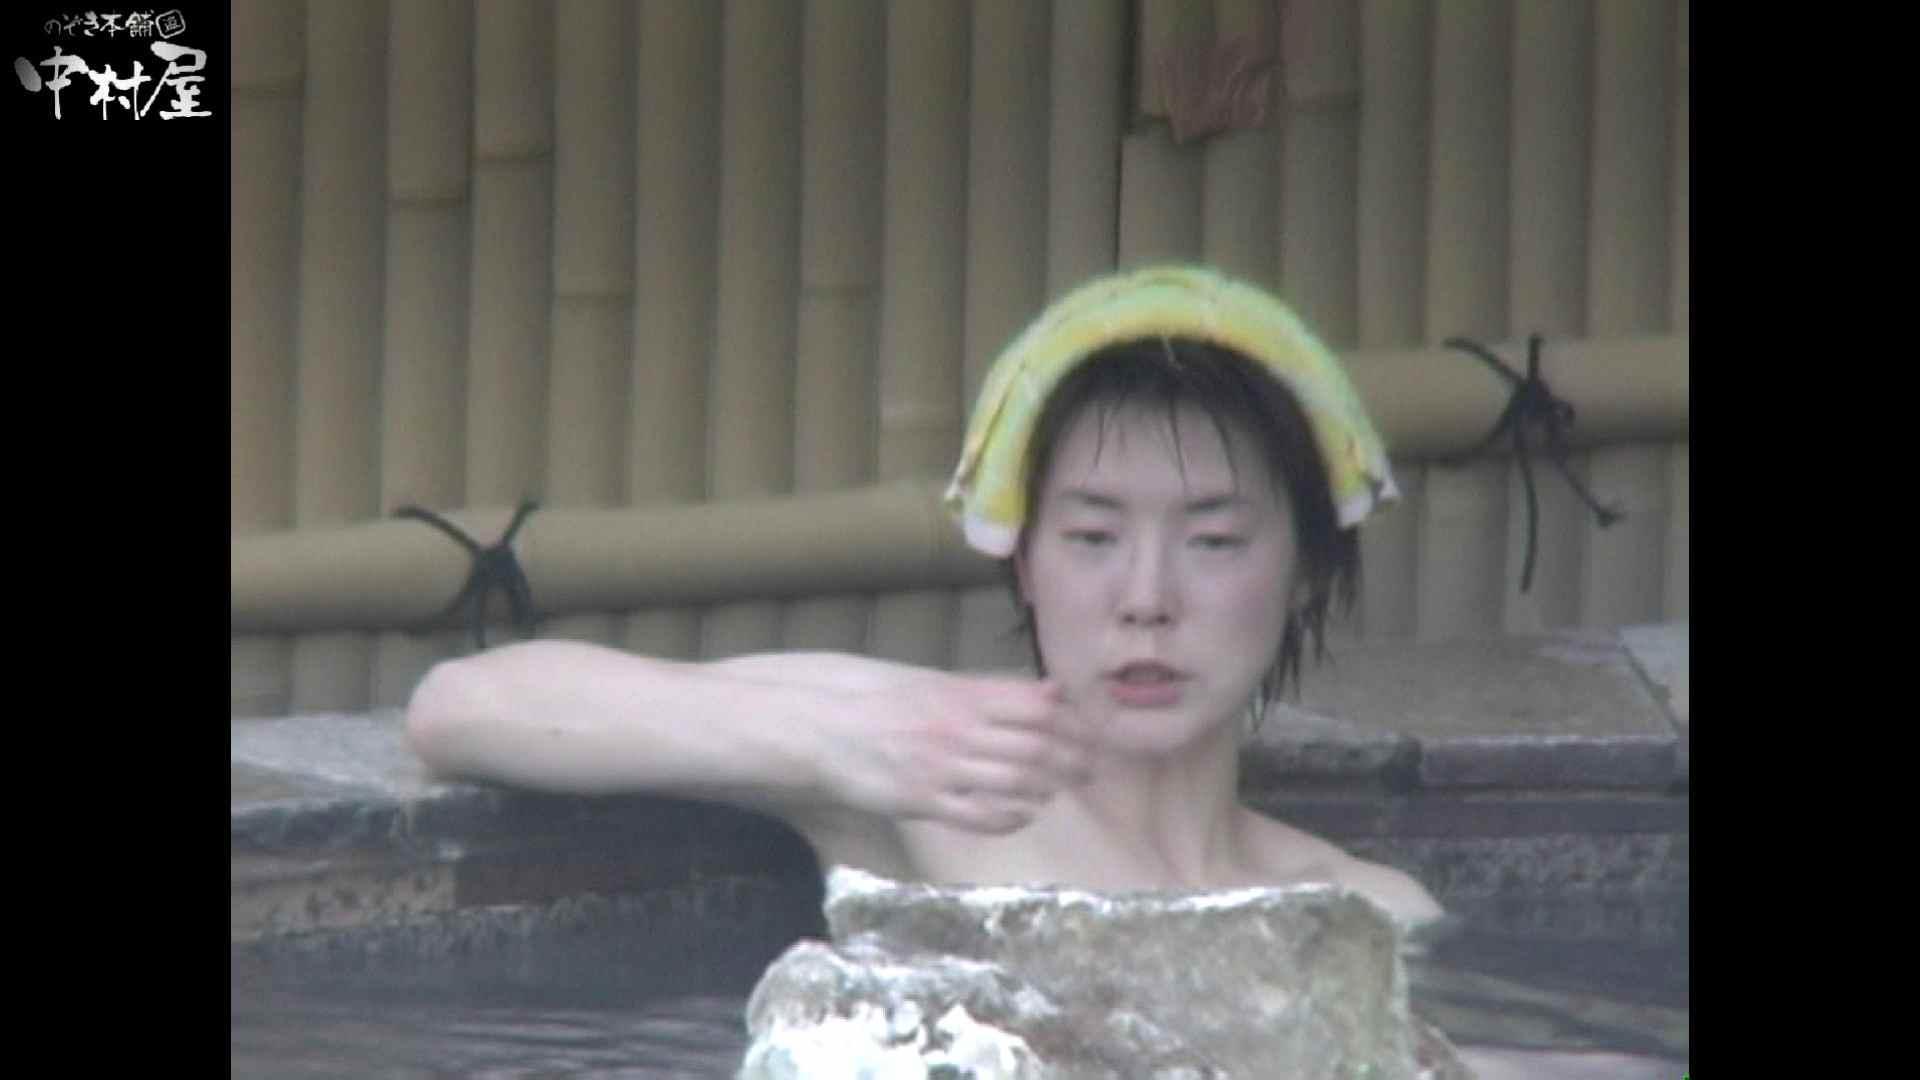 Aquaな露天風呂Vol.938 HなOL SEX無修正画像 111pic 62